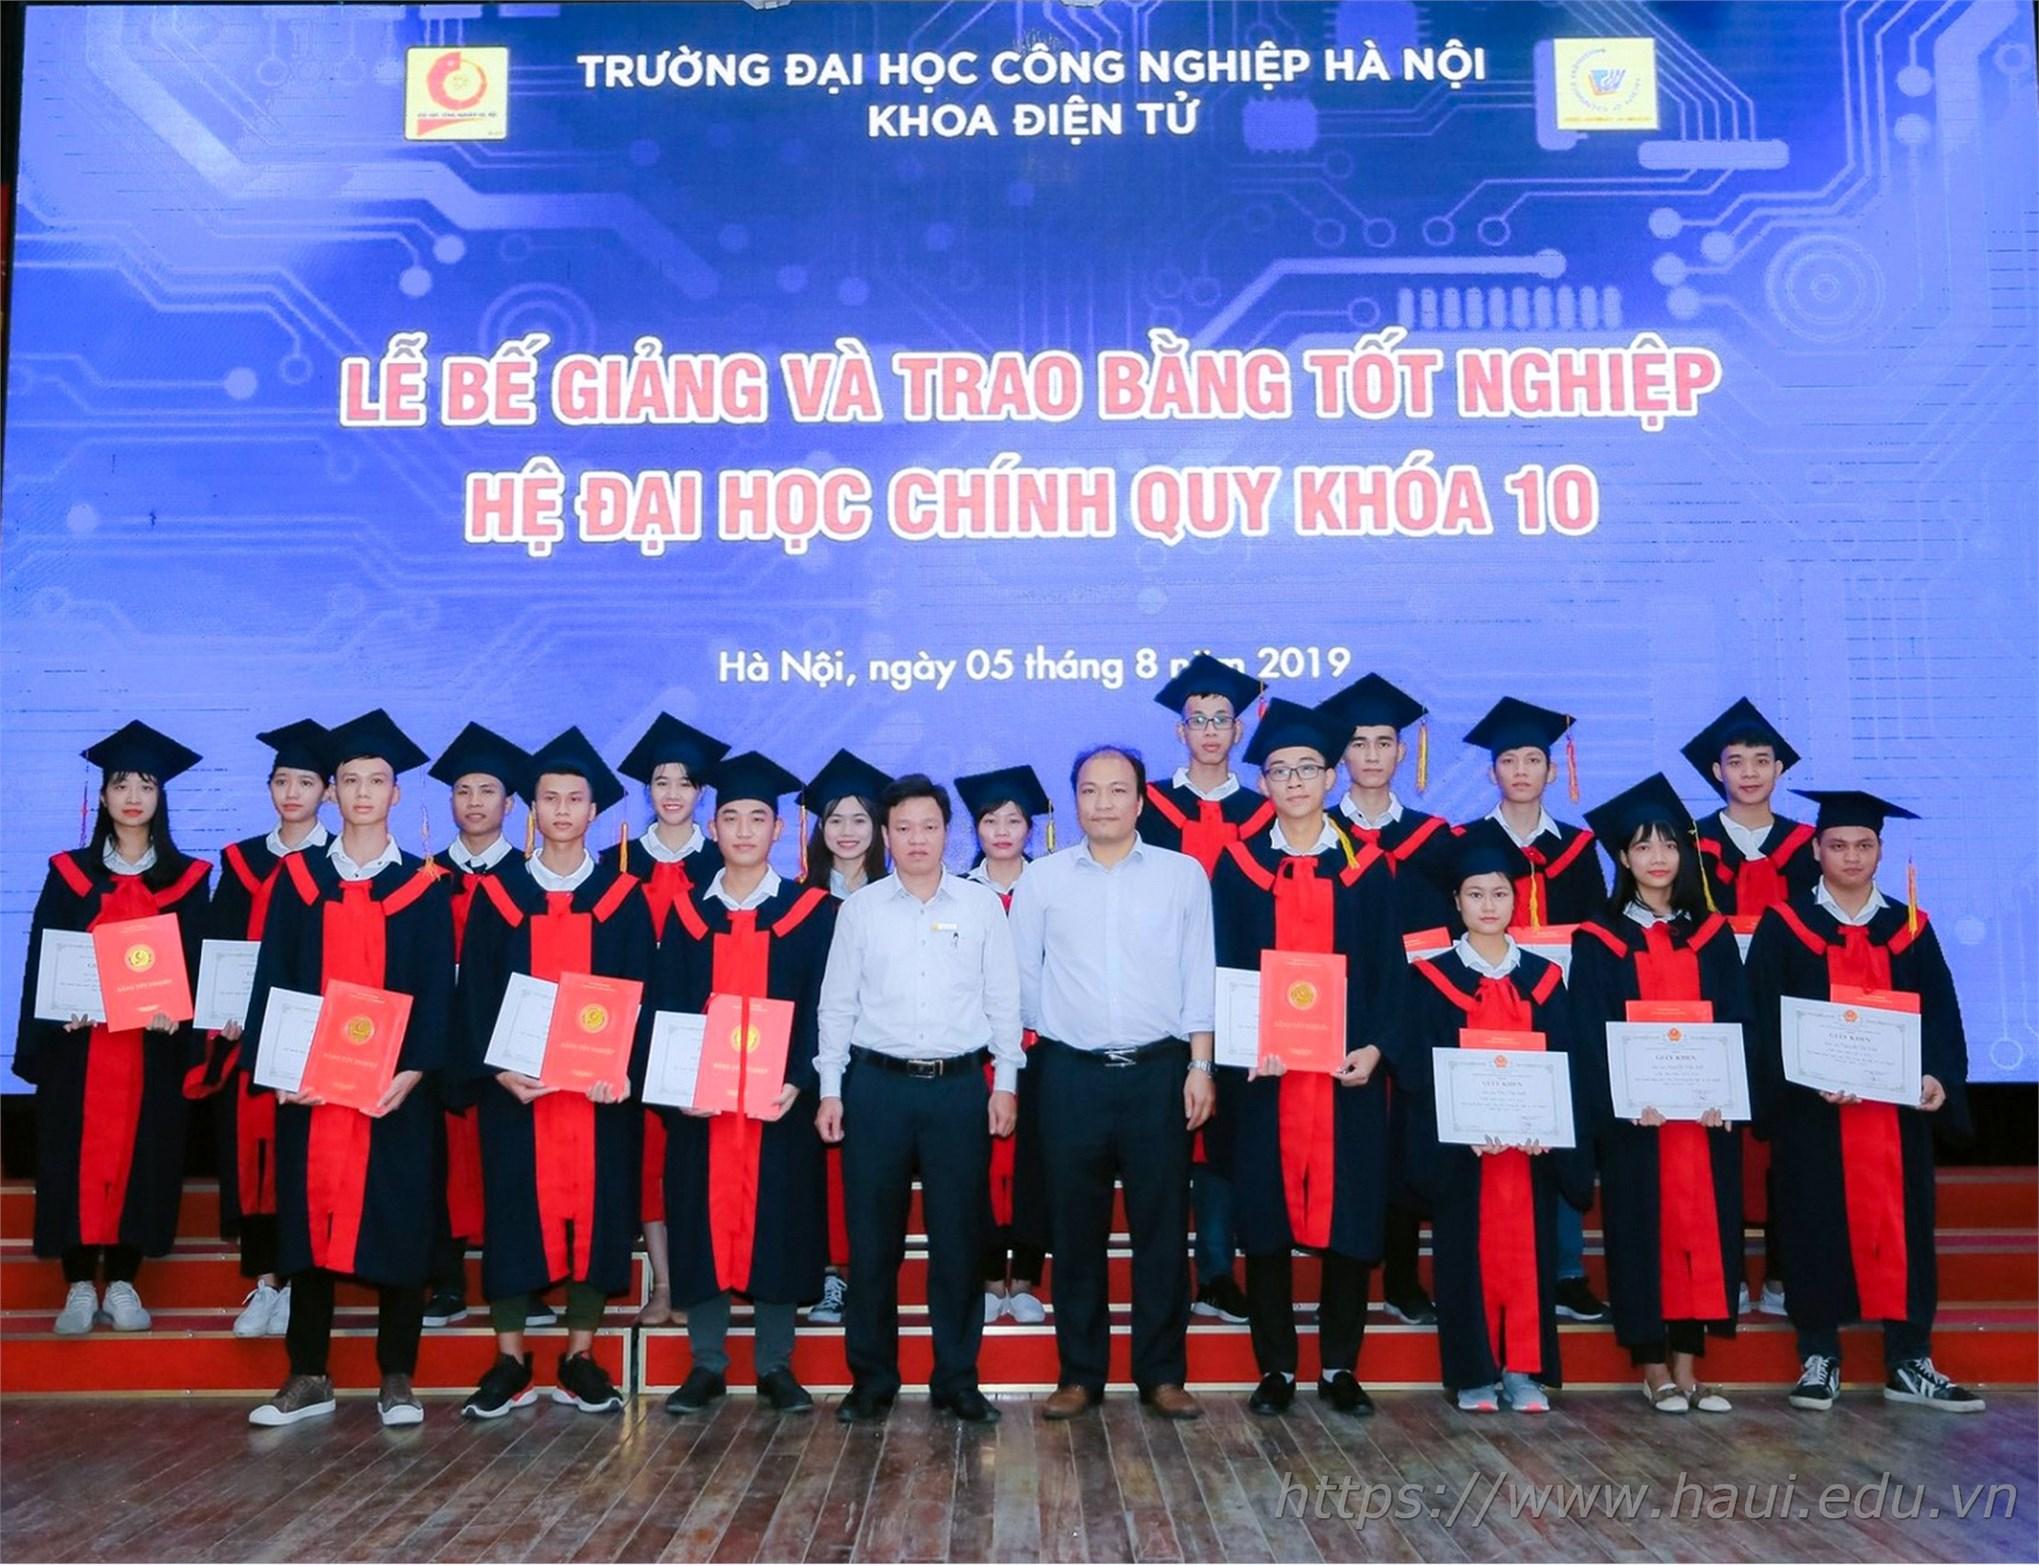 Lễ Bế giảng và trao bằng tốt nghiệp cử nhân trường Đại học Công nghiệp Hà Nội